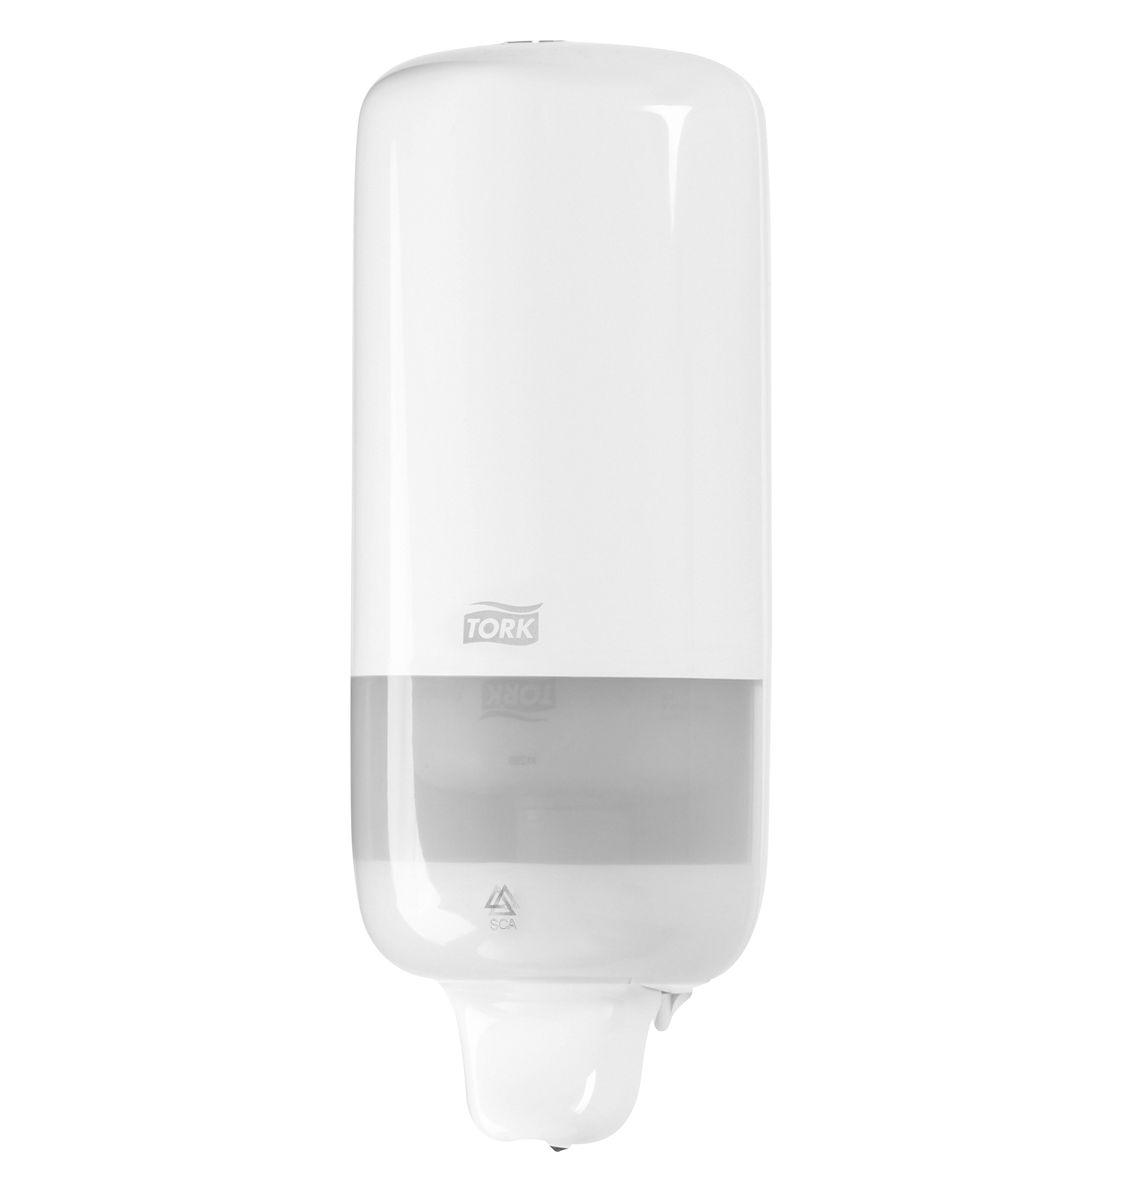 Диспенсер для мыла Tork, цвет: белый. 560000560000Диспенсер Tork подходит для использования в туалетных комнатах всех размеров и уровня проходимости.Изделие изготовлено из прочного пластика черного цвета.Дозатор предназначен для одного стандартного картриджа мыла Tork. Избежать протекания и засорения приспособления позволяет надежная система дозирования средства. Нажатие на клавишу приводит дозатор в действие. Приспособление обеспечивает экономичный расход: 1 нажатие соответствует 1 мл моющего средства.Рассчитан на 1000 порций мыла.В комплекте крепеж и лекало для установки.